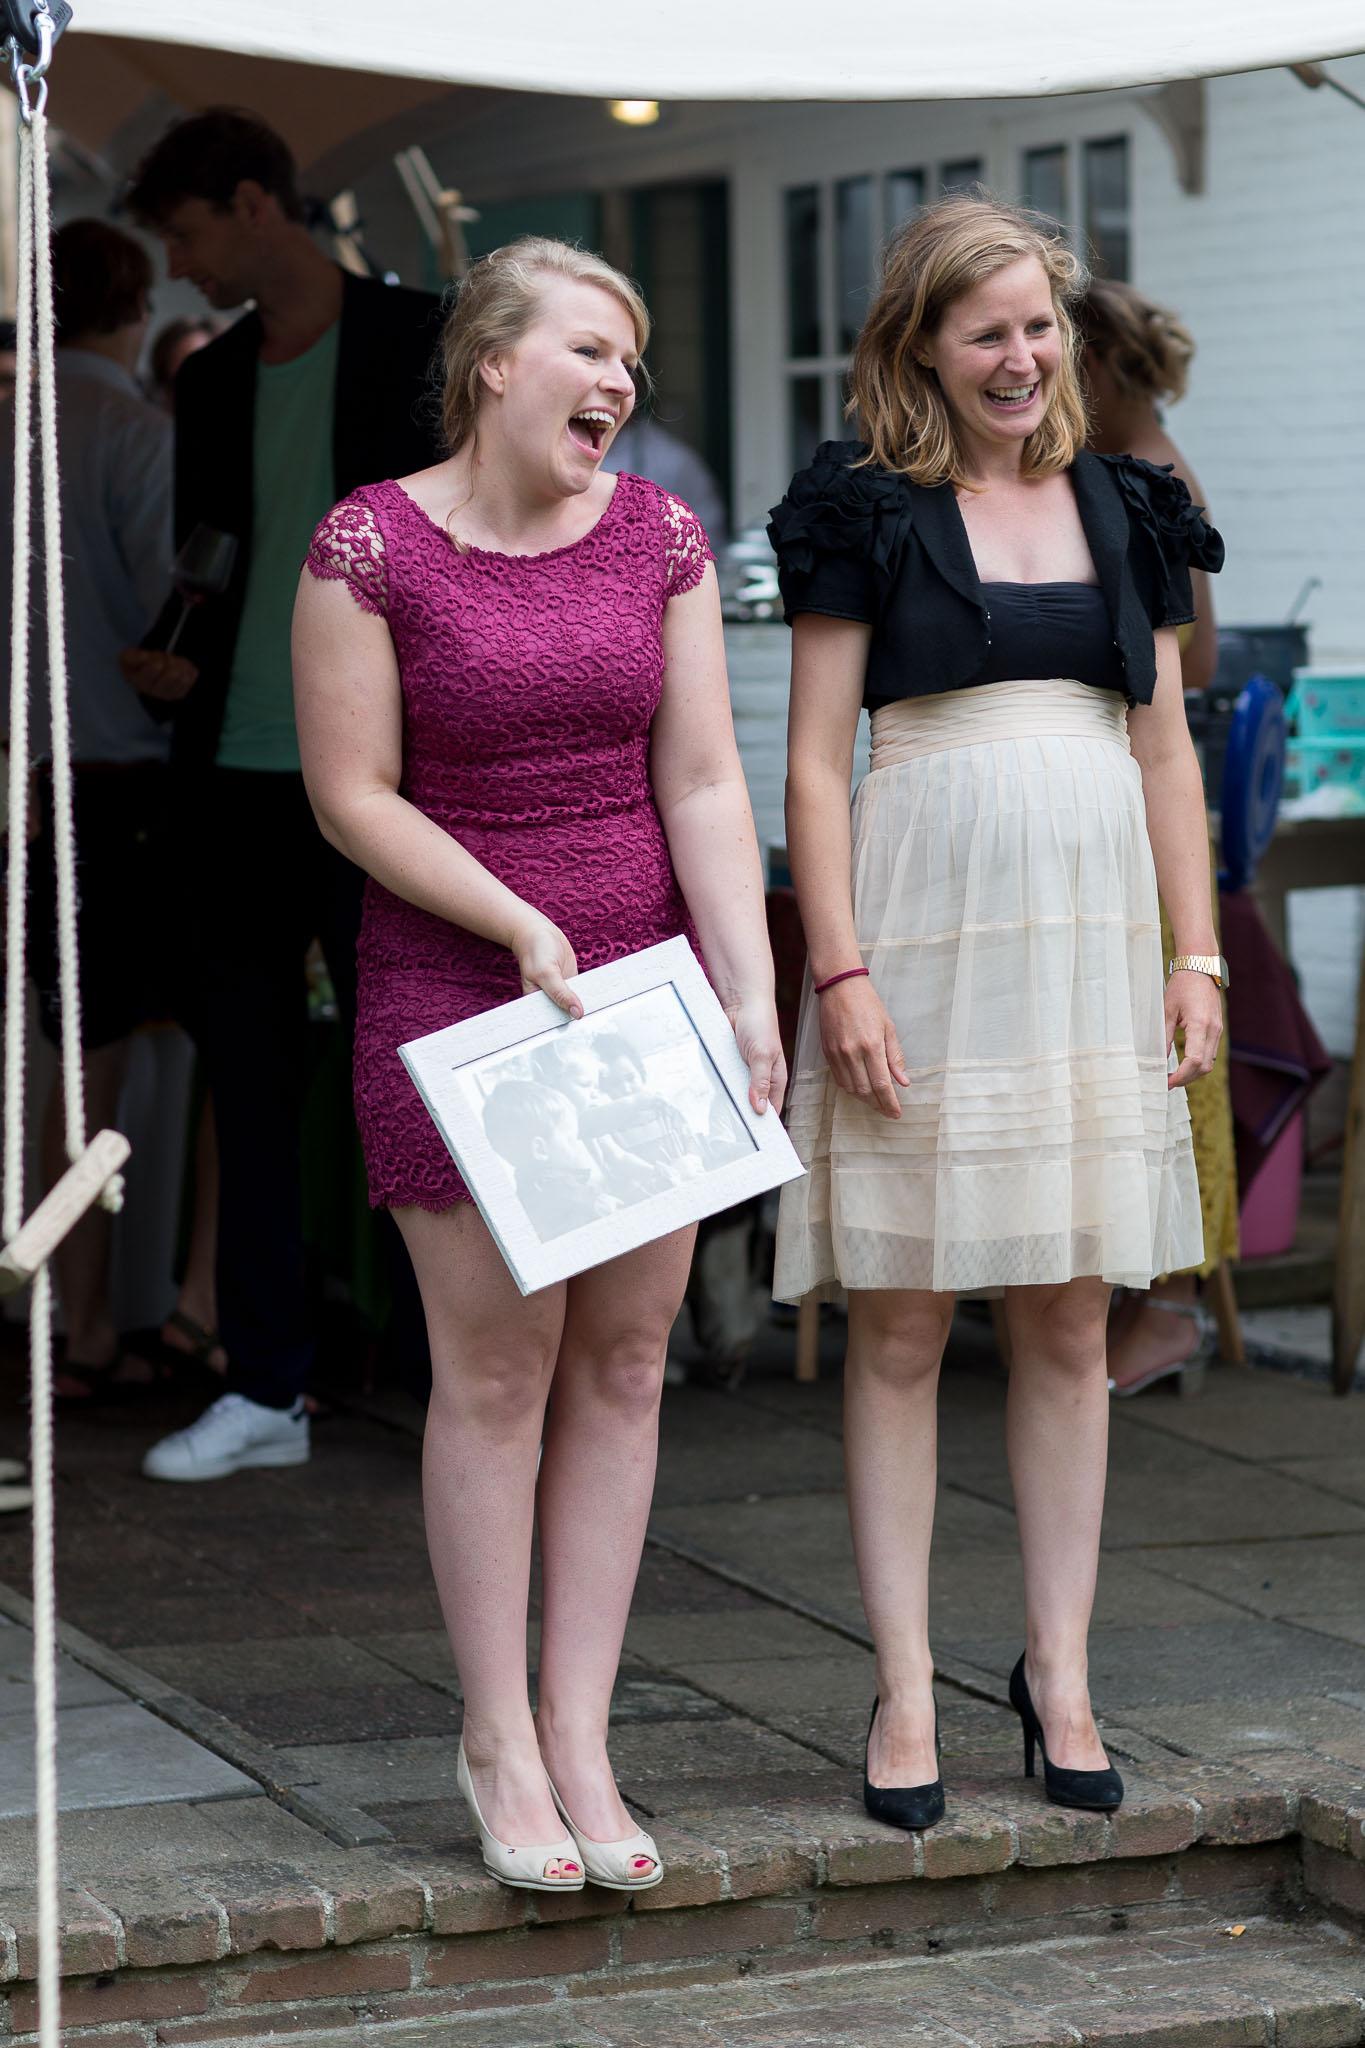 freebirdstories-com_wedding_christiaannina_lowres_663